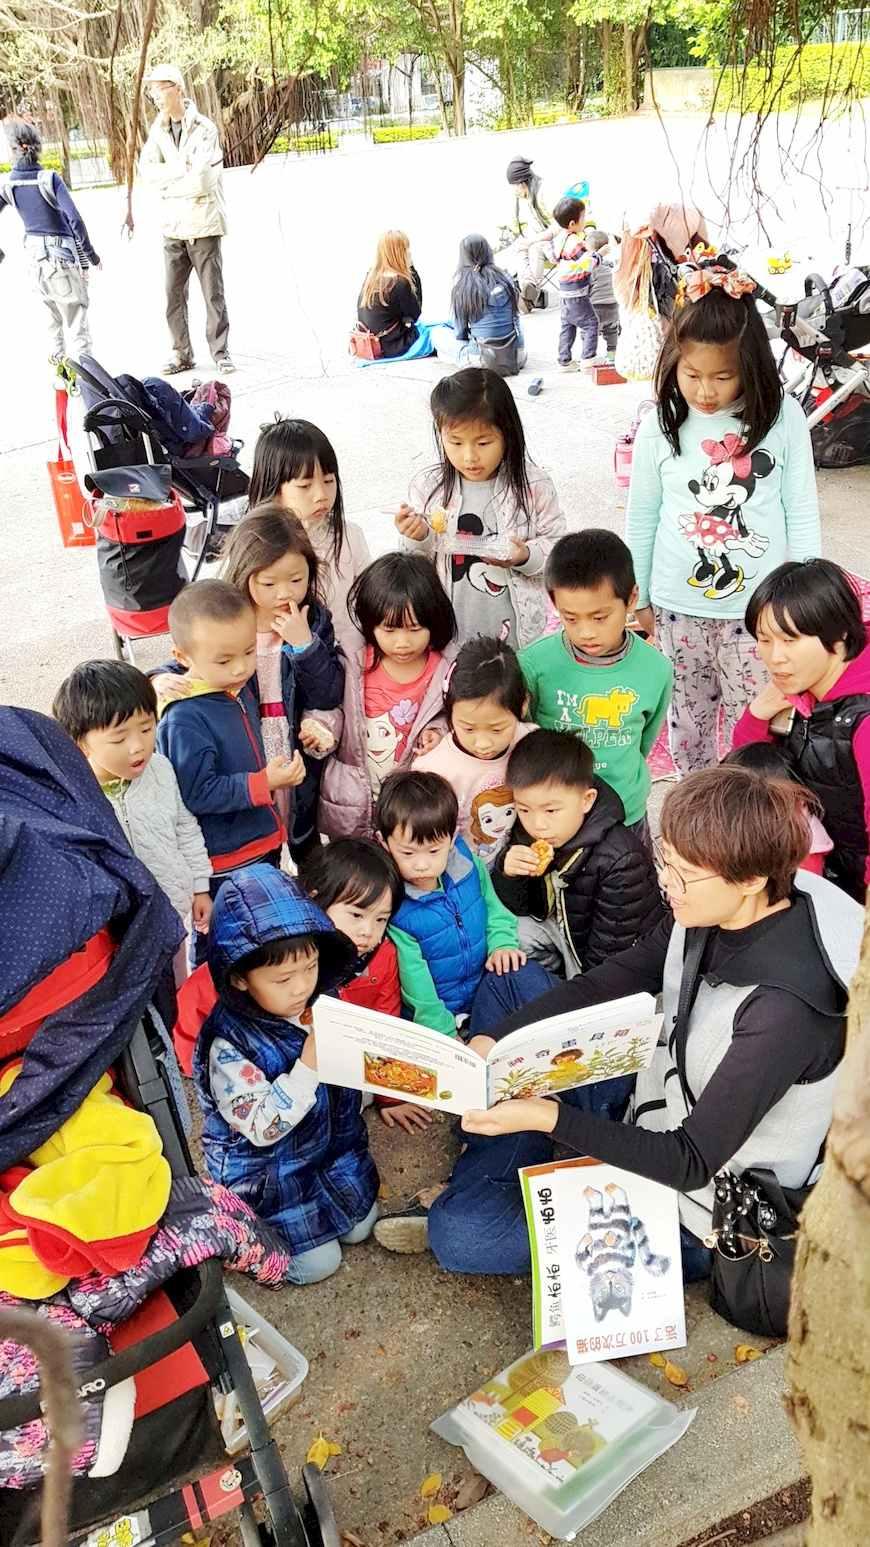 開放空間的共學,只要有媽媽爸爸拿起書說故事,就會有孩子靠過來專心聽。(照片提供/顏郁玫)。共學團體。綠繪本。育兒。共學。